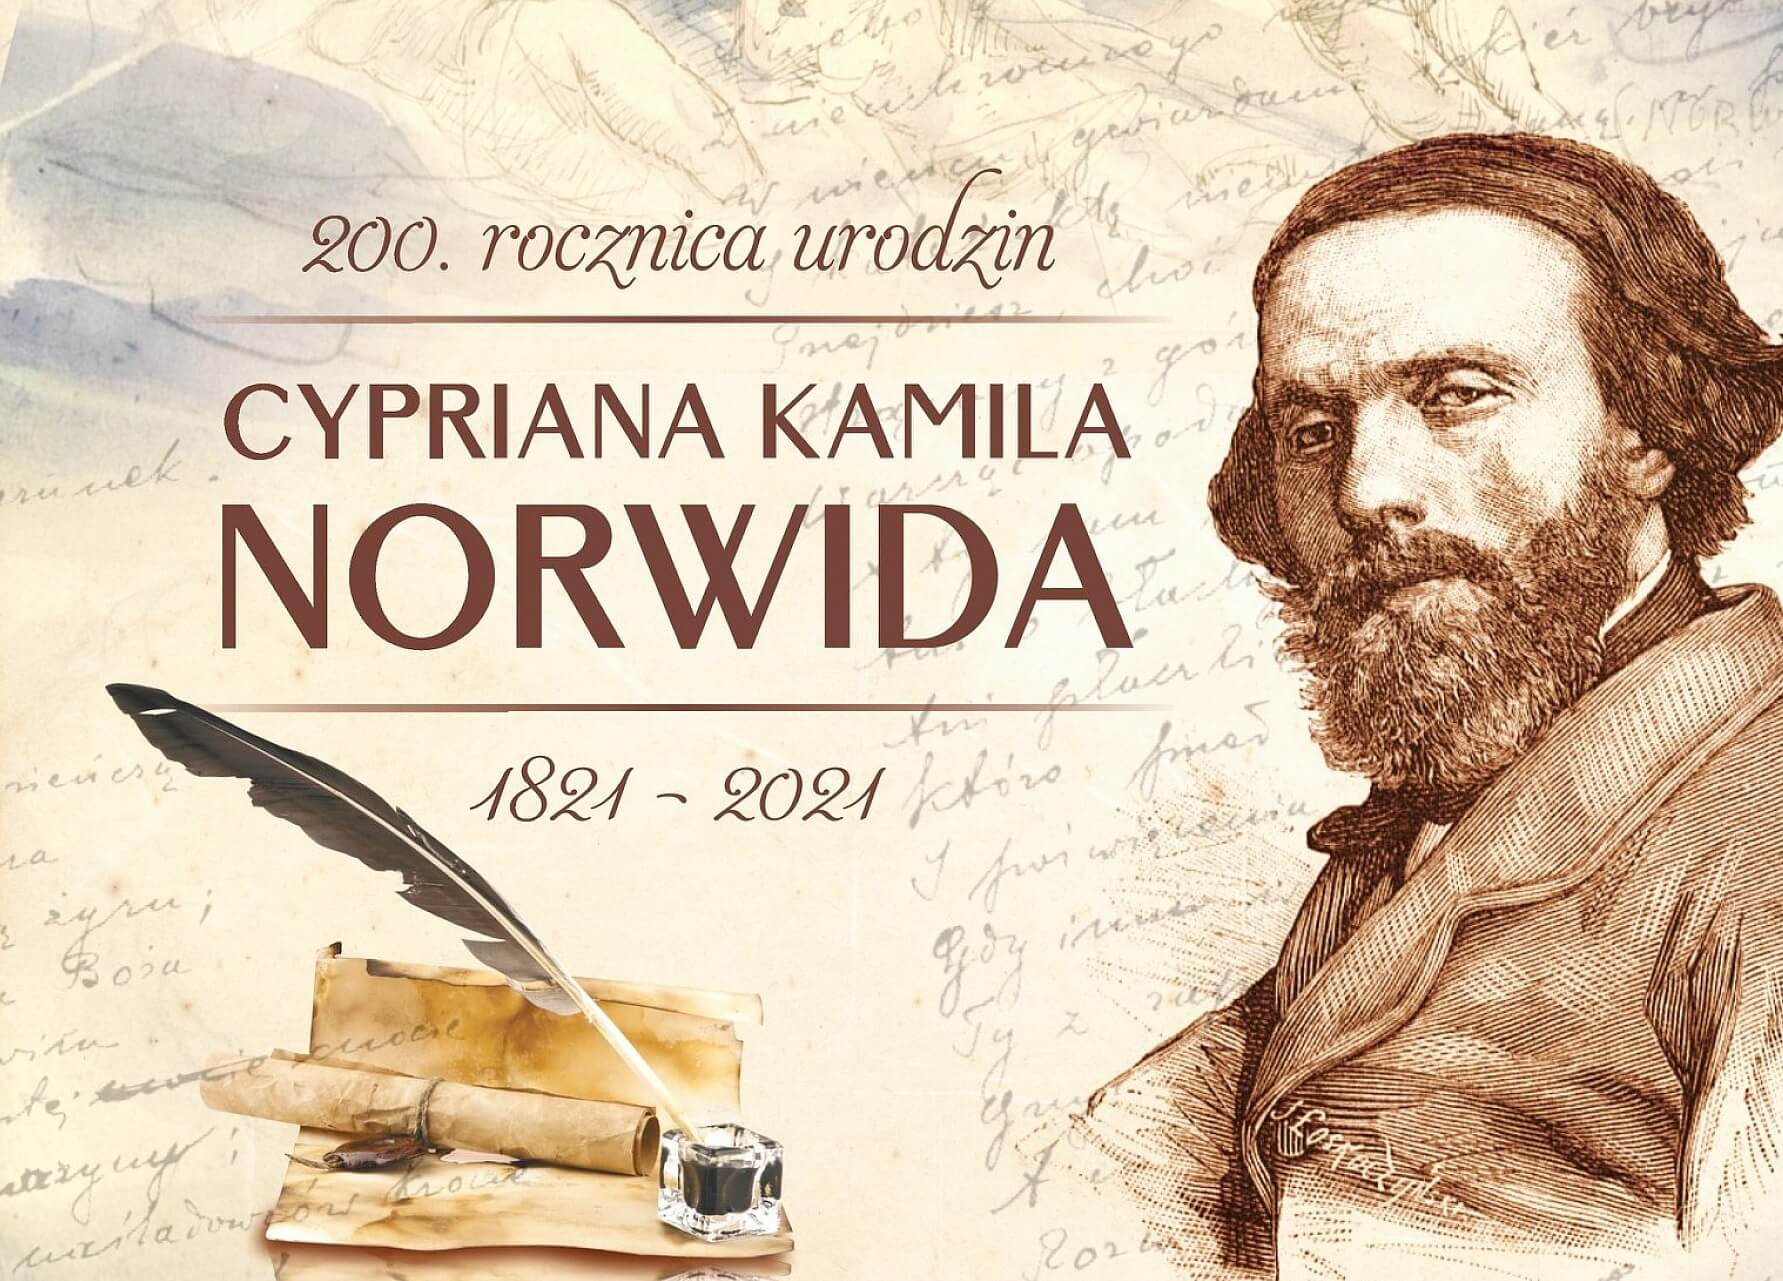 200. rocznica urodzin Cypriana Kamila Norwida